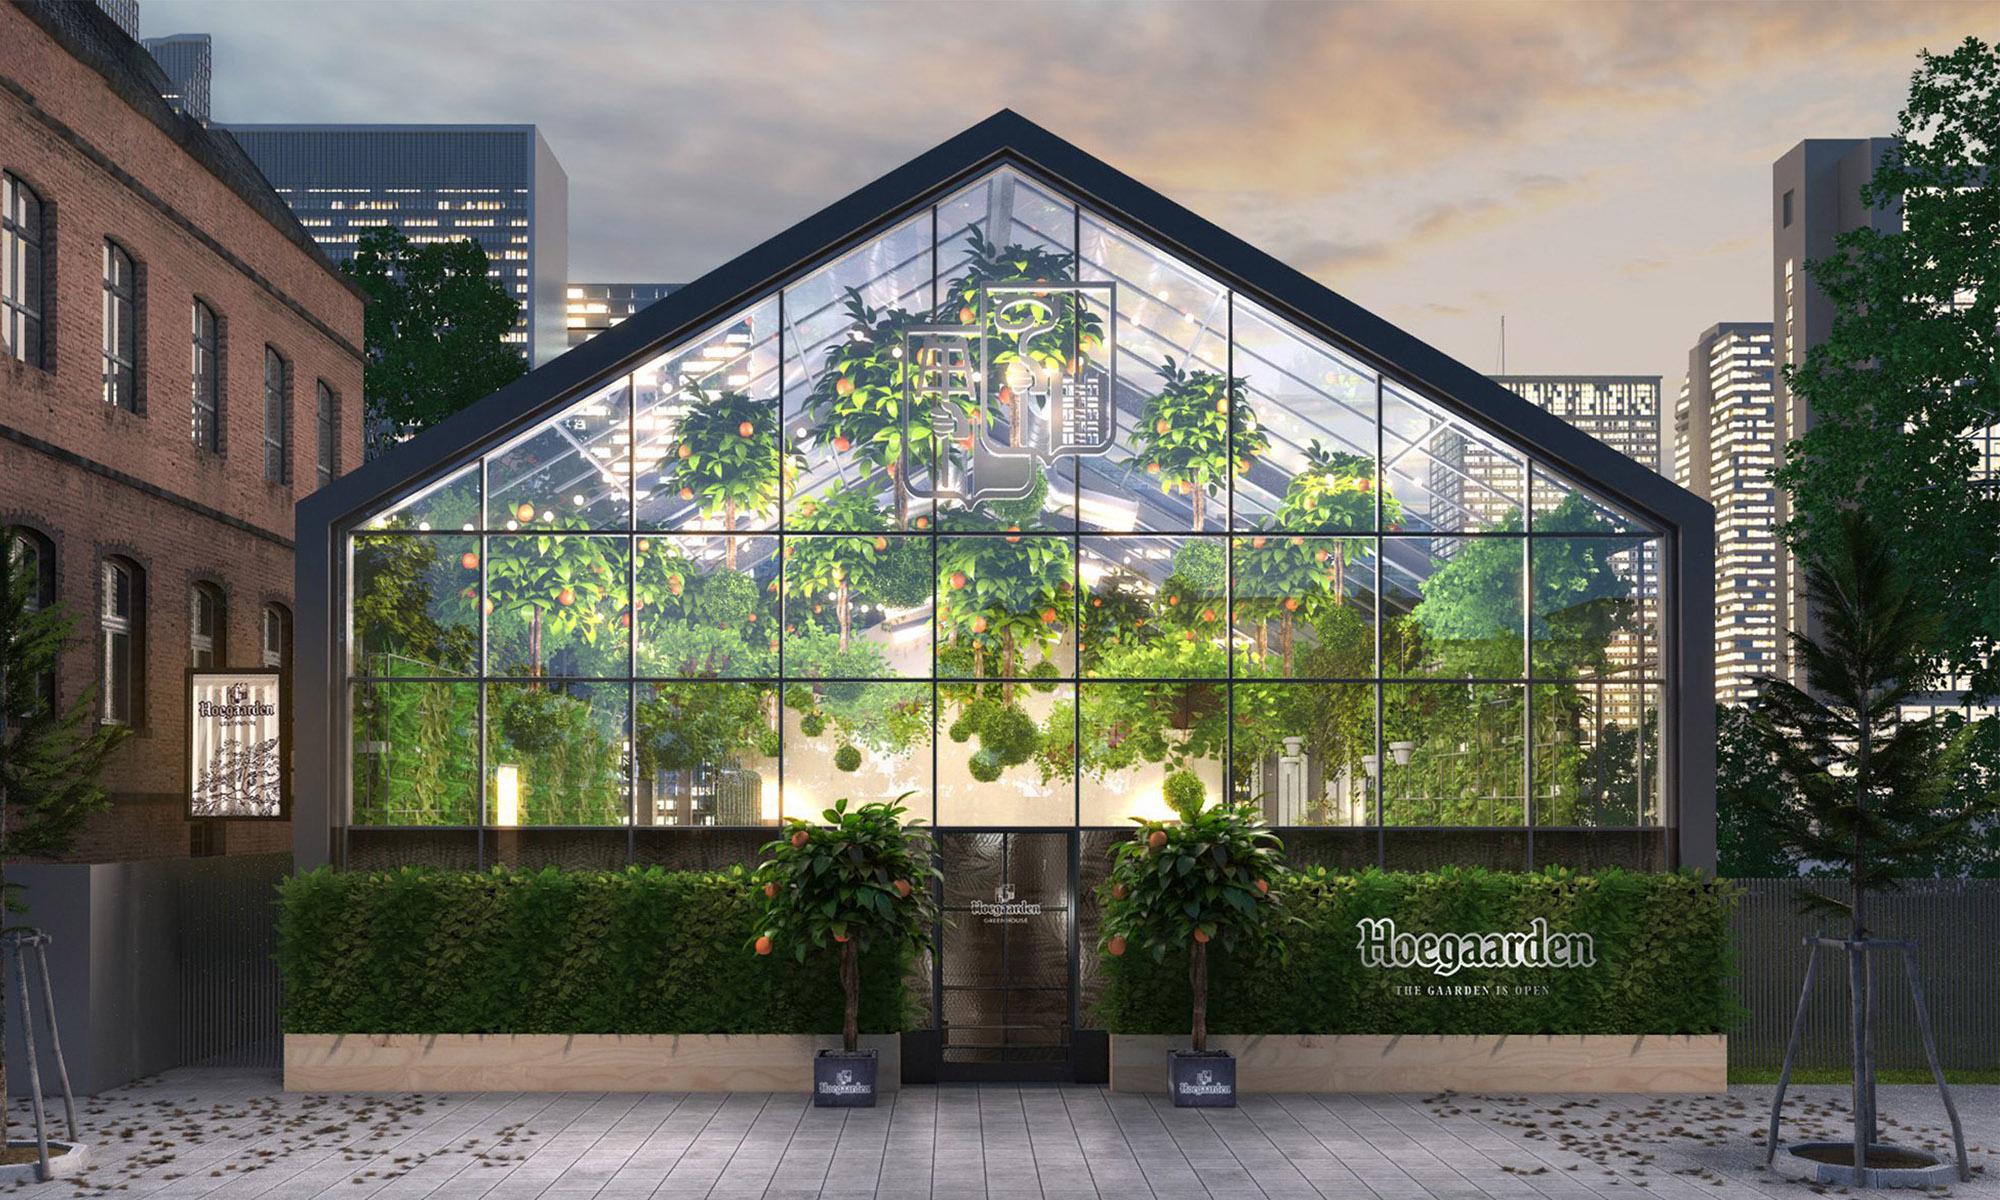 Hoegaarden Brewpub Experience Design